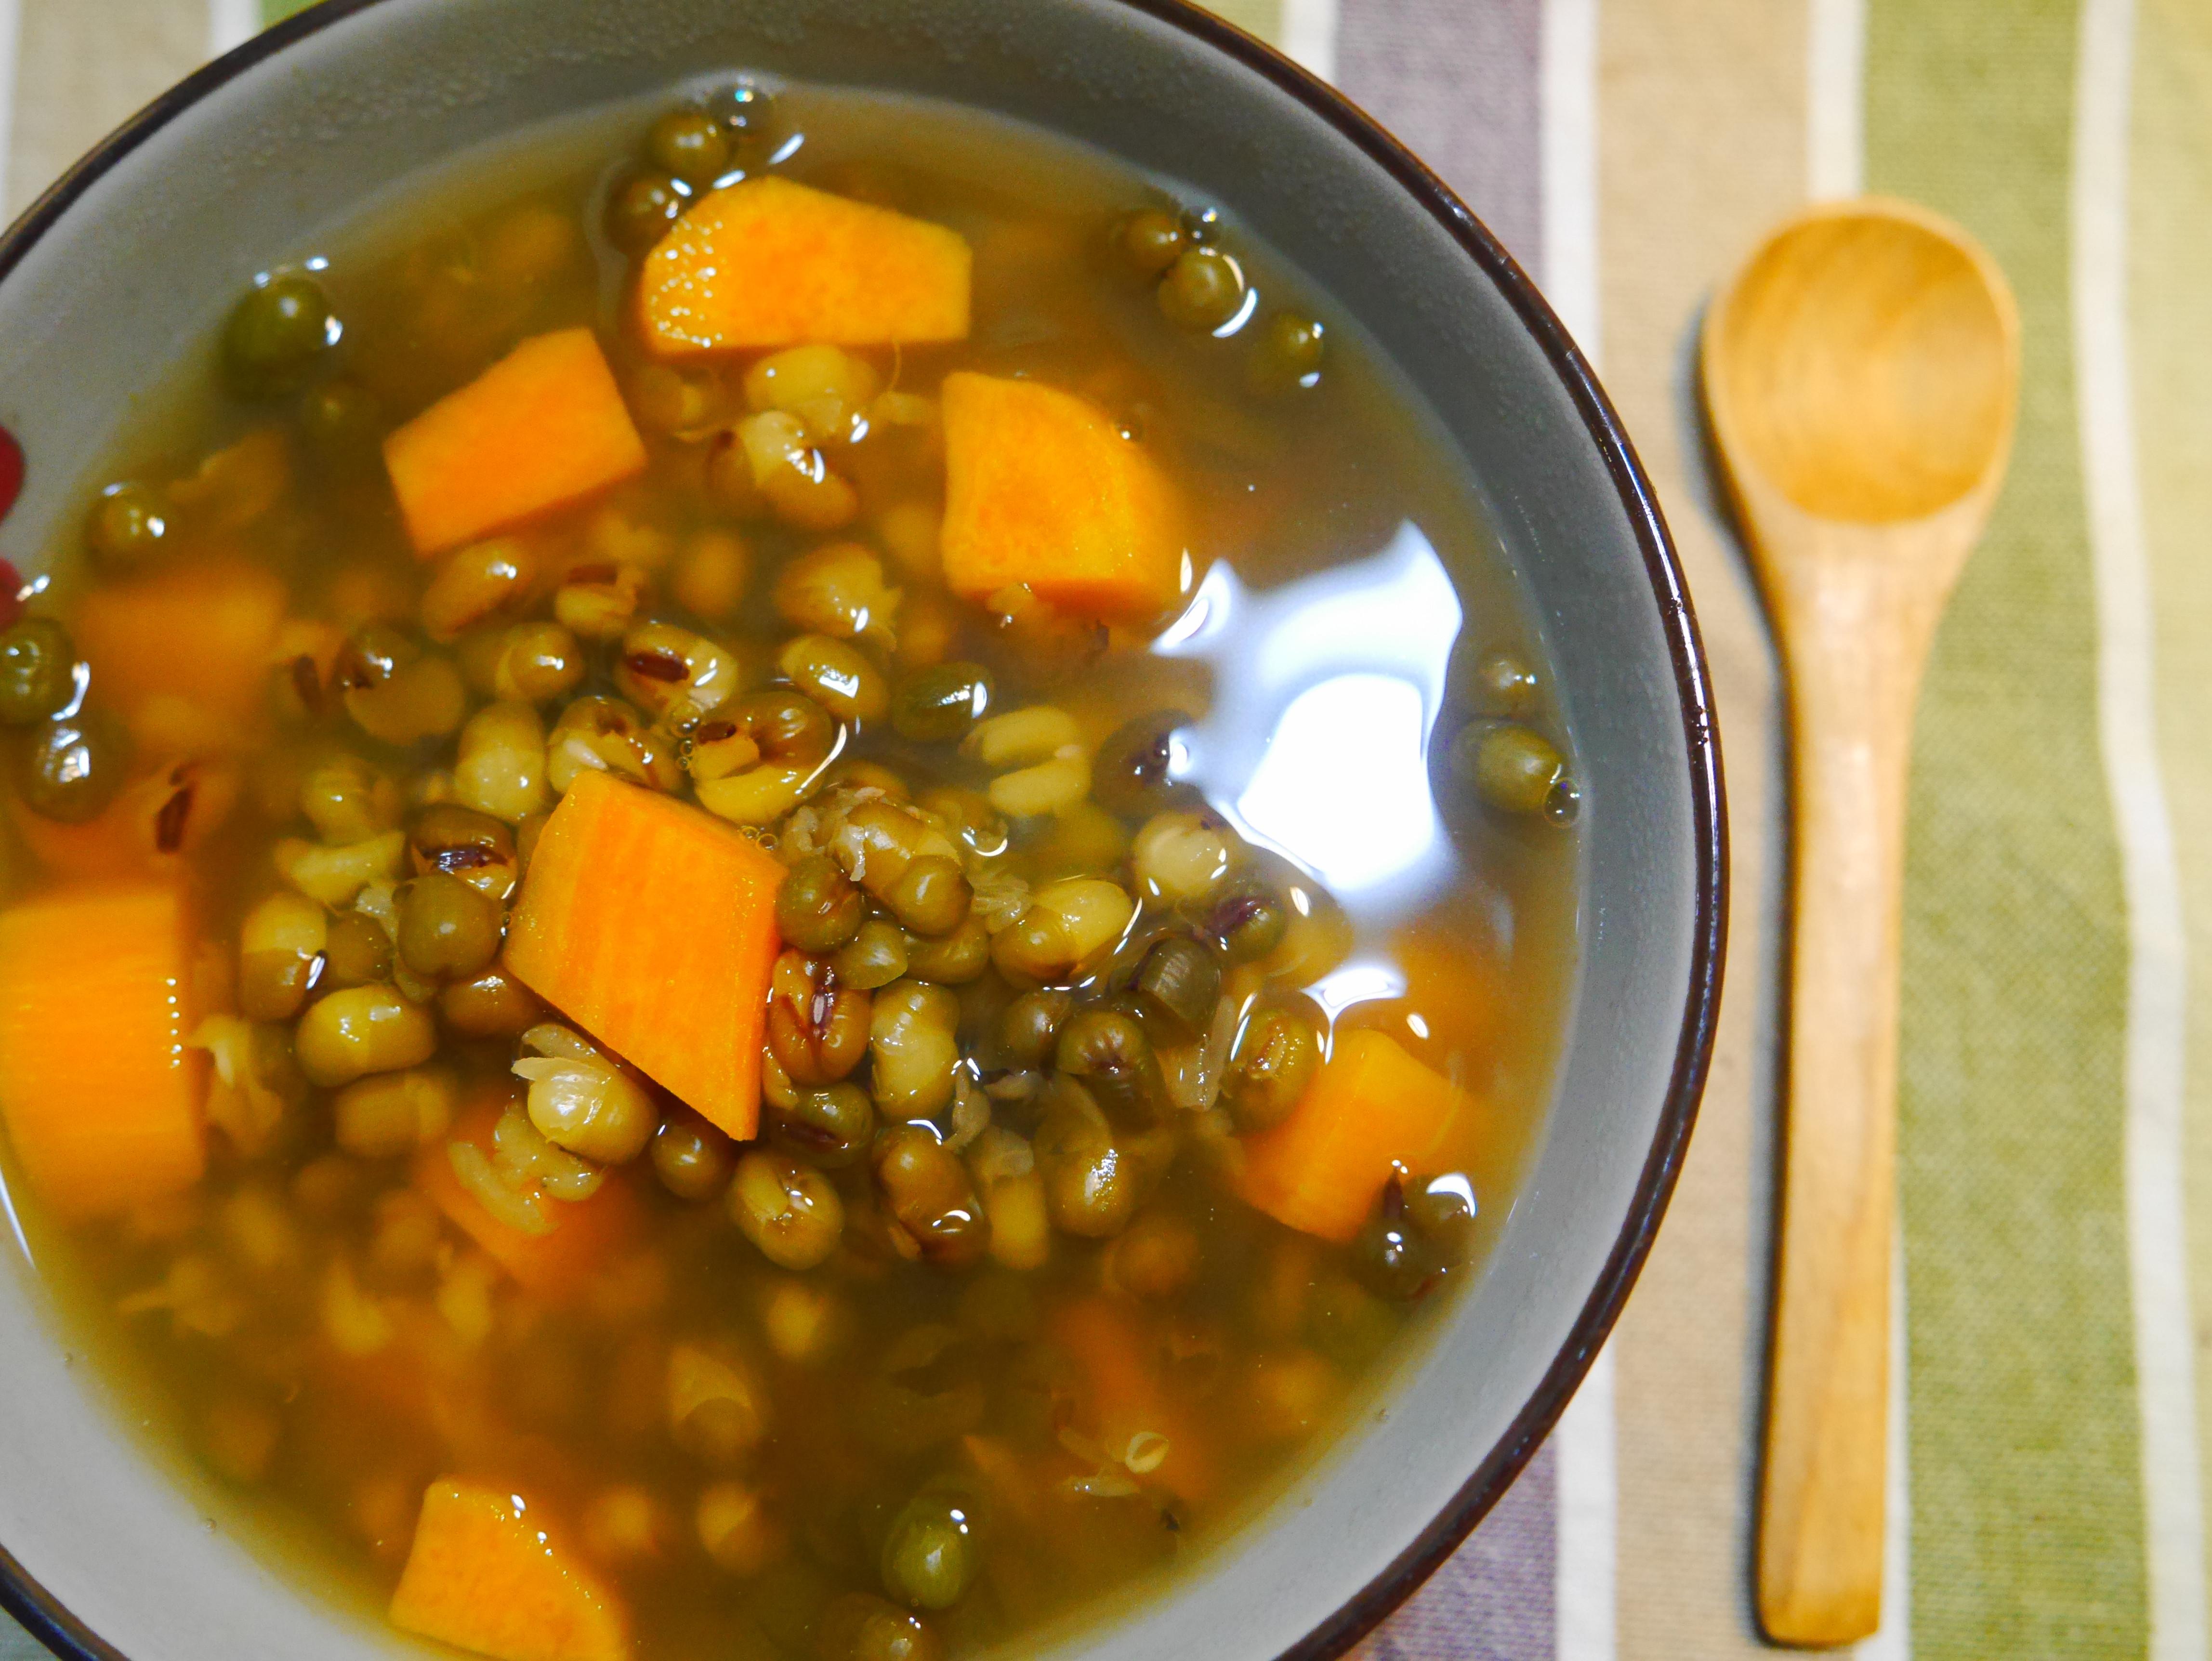 熱熱喝也很好喝的地瓜綠豆湯